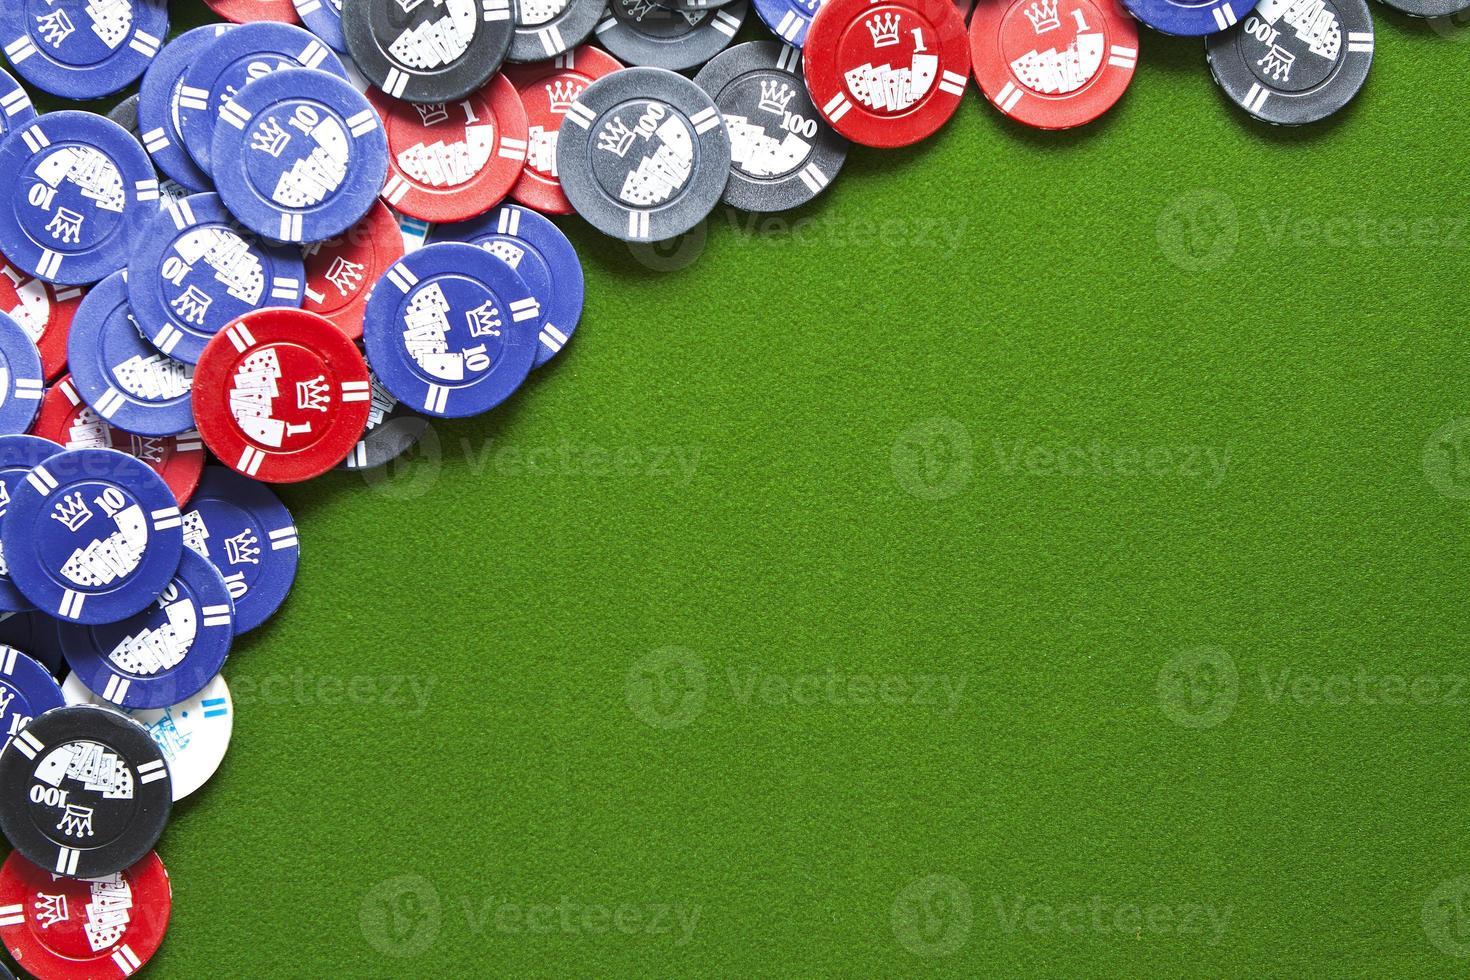 fichas de juego en fieltro verde foto